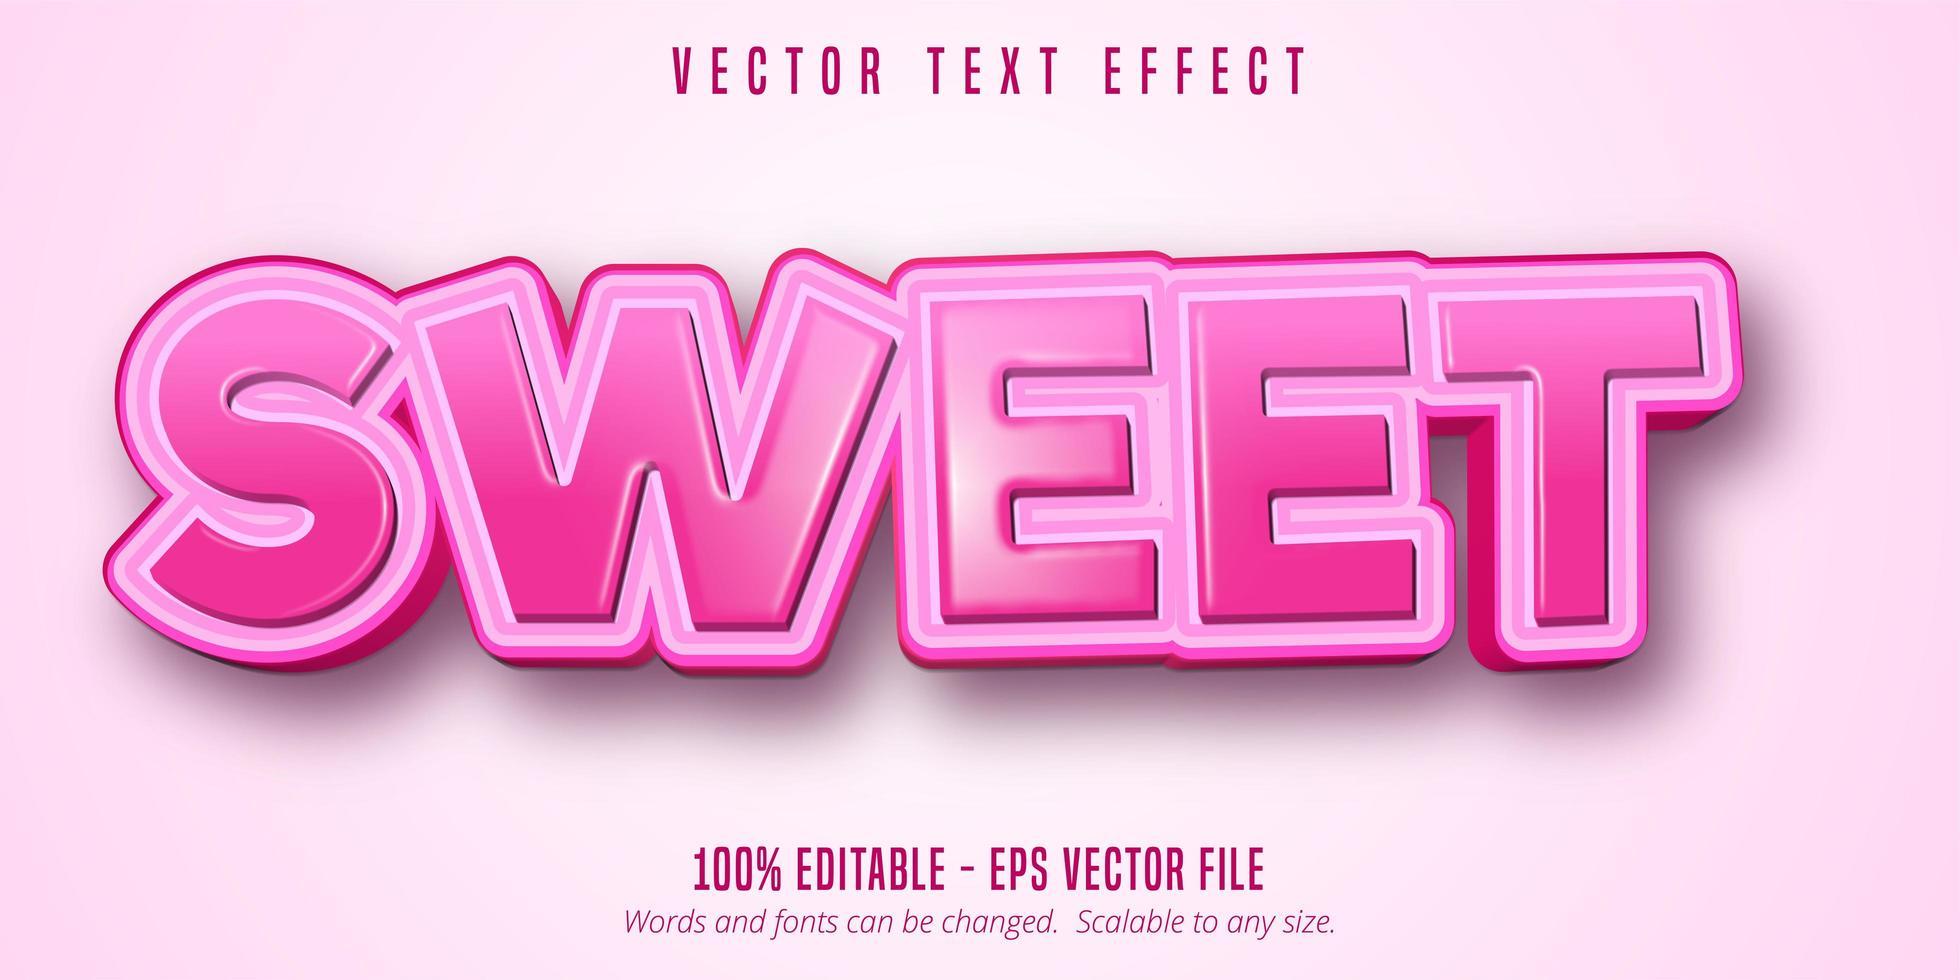 effetto di testo modificabile in stile cartone animato rosa dolce vettore